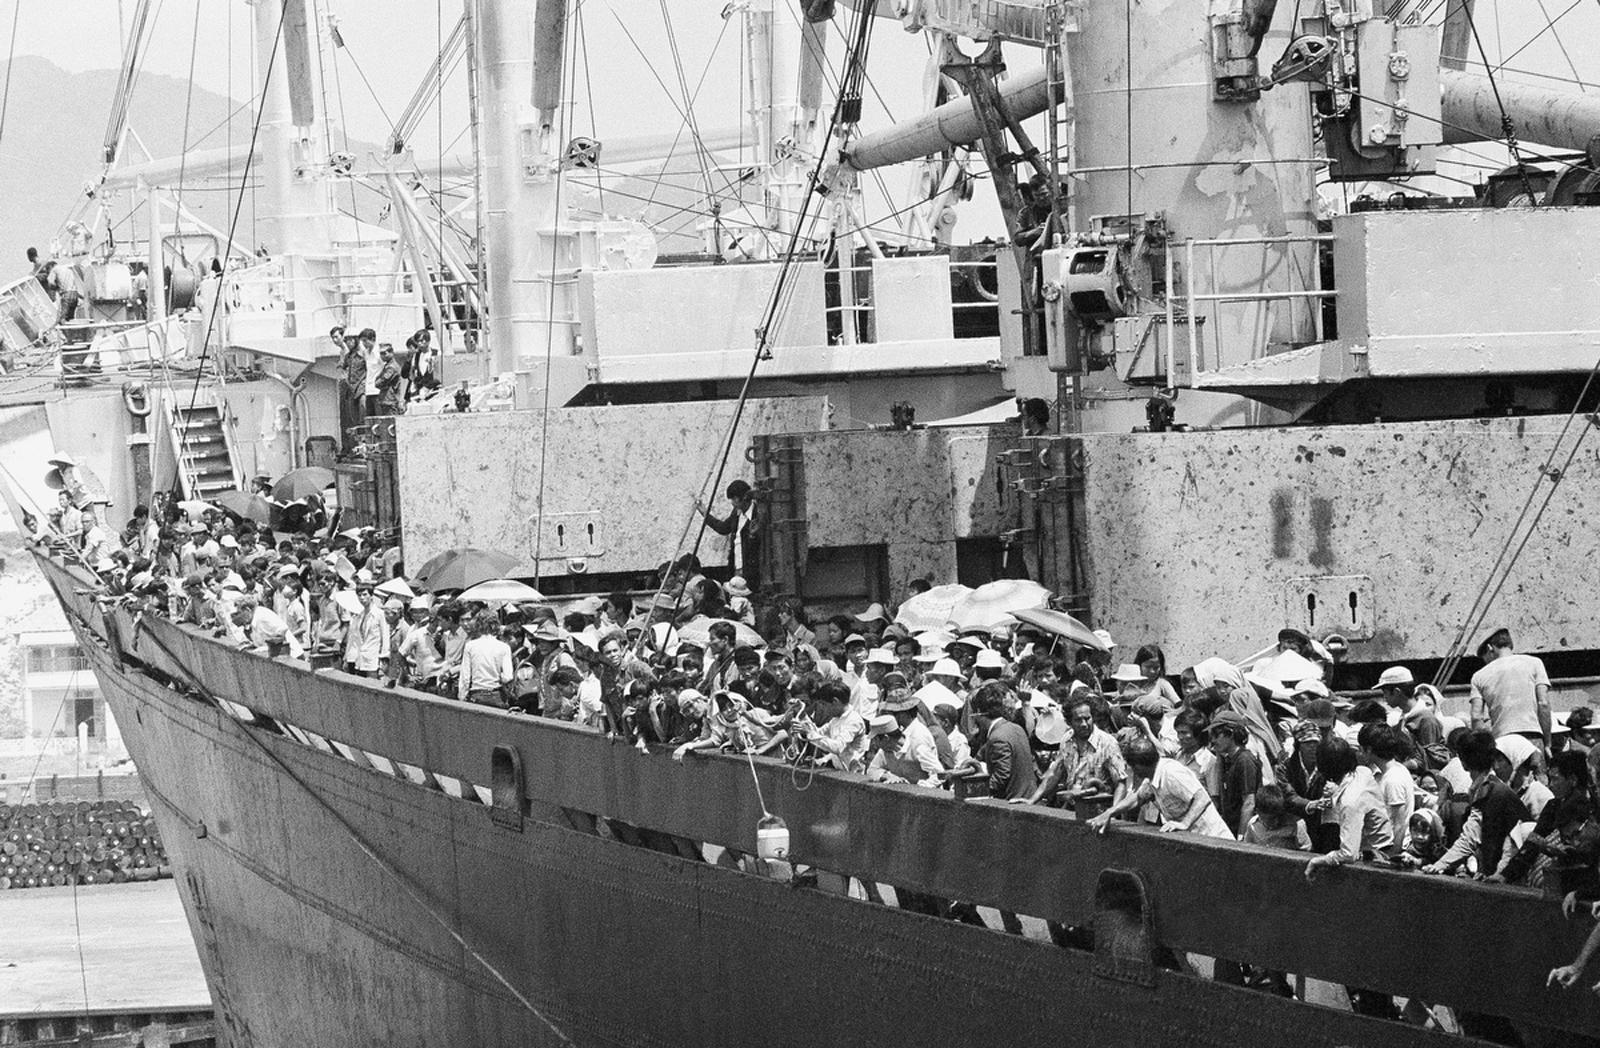 В корабле перевозилось 5600 южно-вьетнамских беженцев и около 40 американцев из Дананга. 29 марта 1975